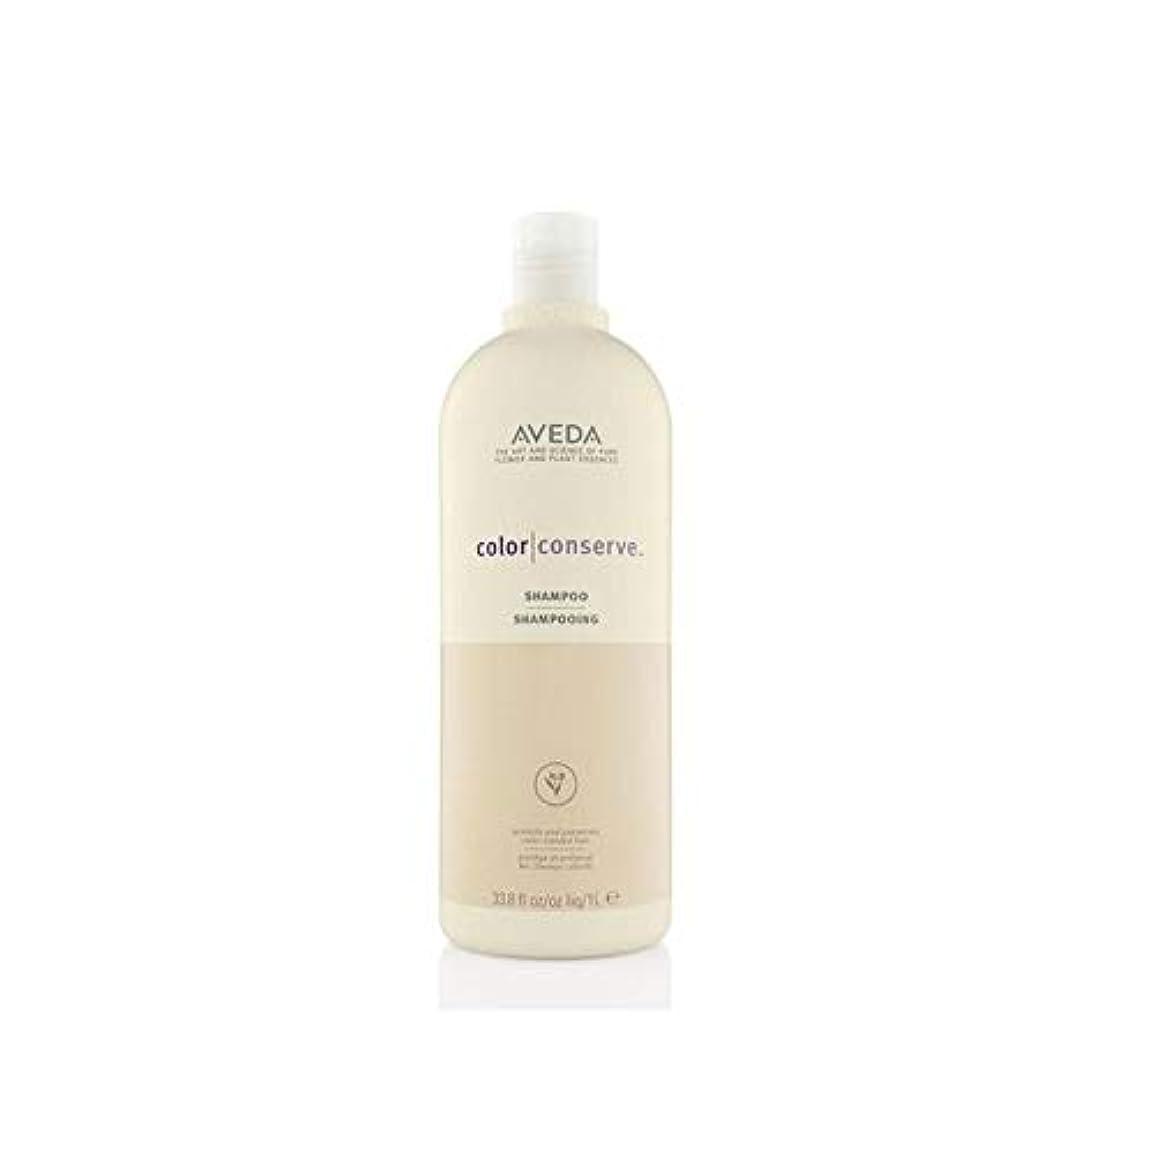 立場フリース無意識[Aveda] アヴェダカラー節約シャンプー(千ミリリットル) - Aveda Colour Conserve Shampoo (1000ml) [並行輸入品]